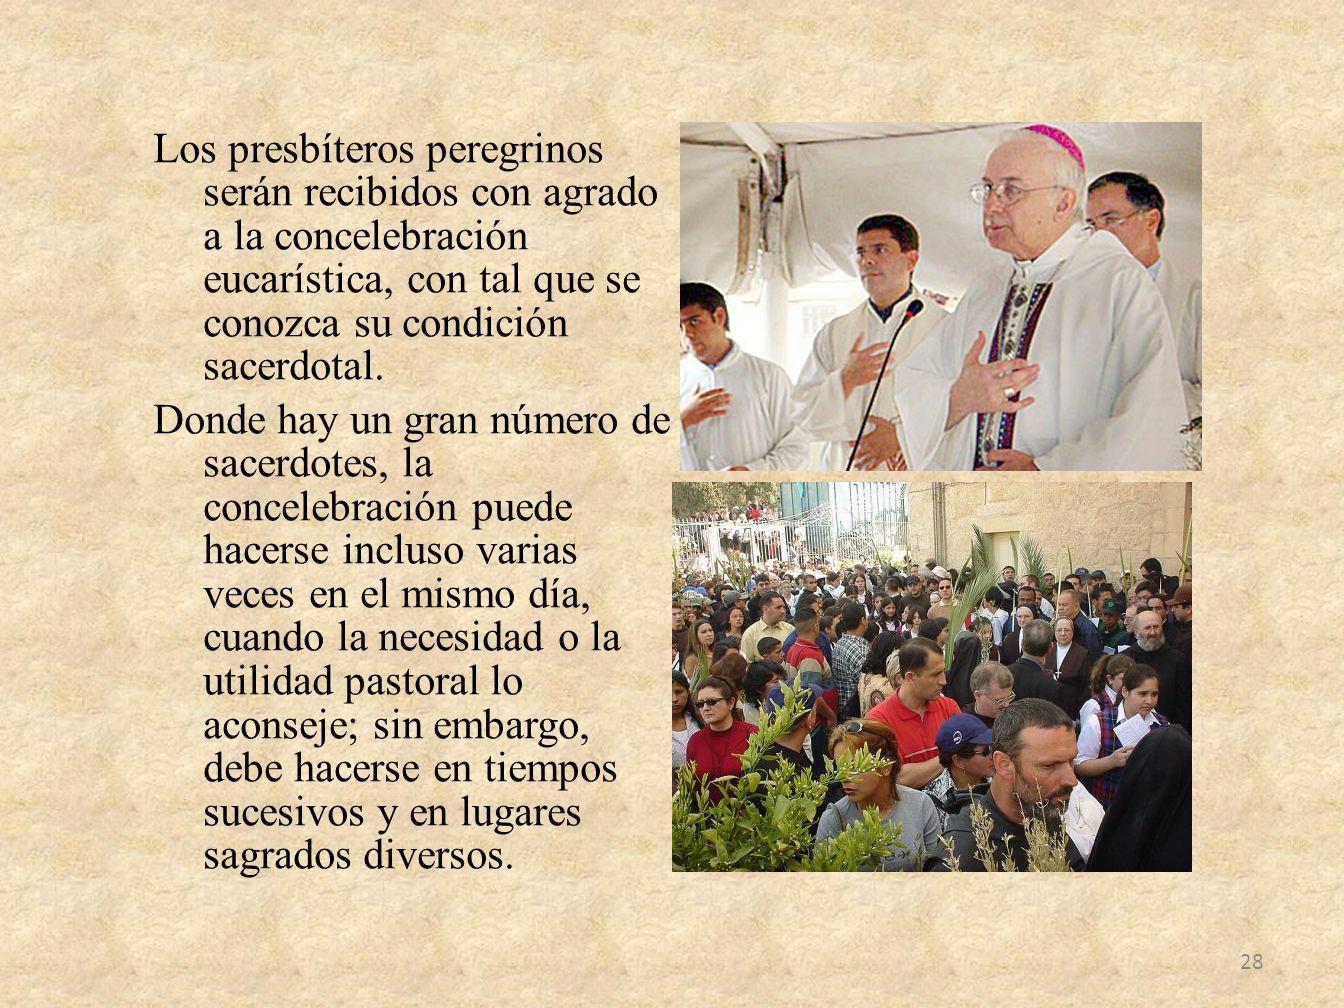 Los presbíteros peregrinos serán recibidos con agrado a la concelebración eucarística, con tal que se conozca su condición sacerdotal.